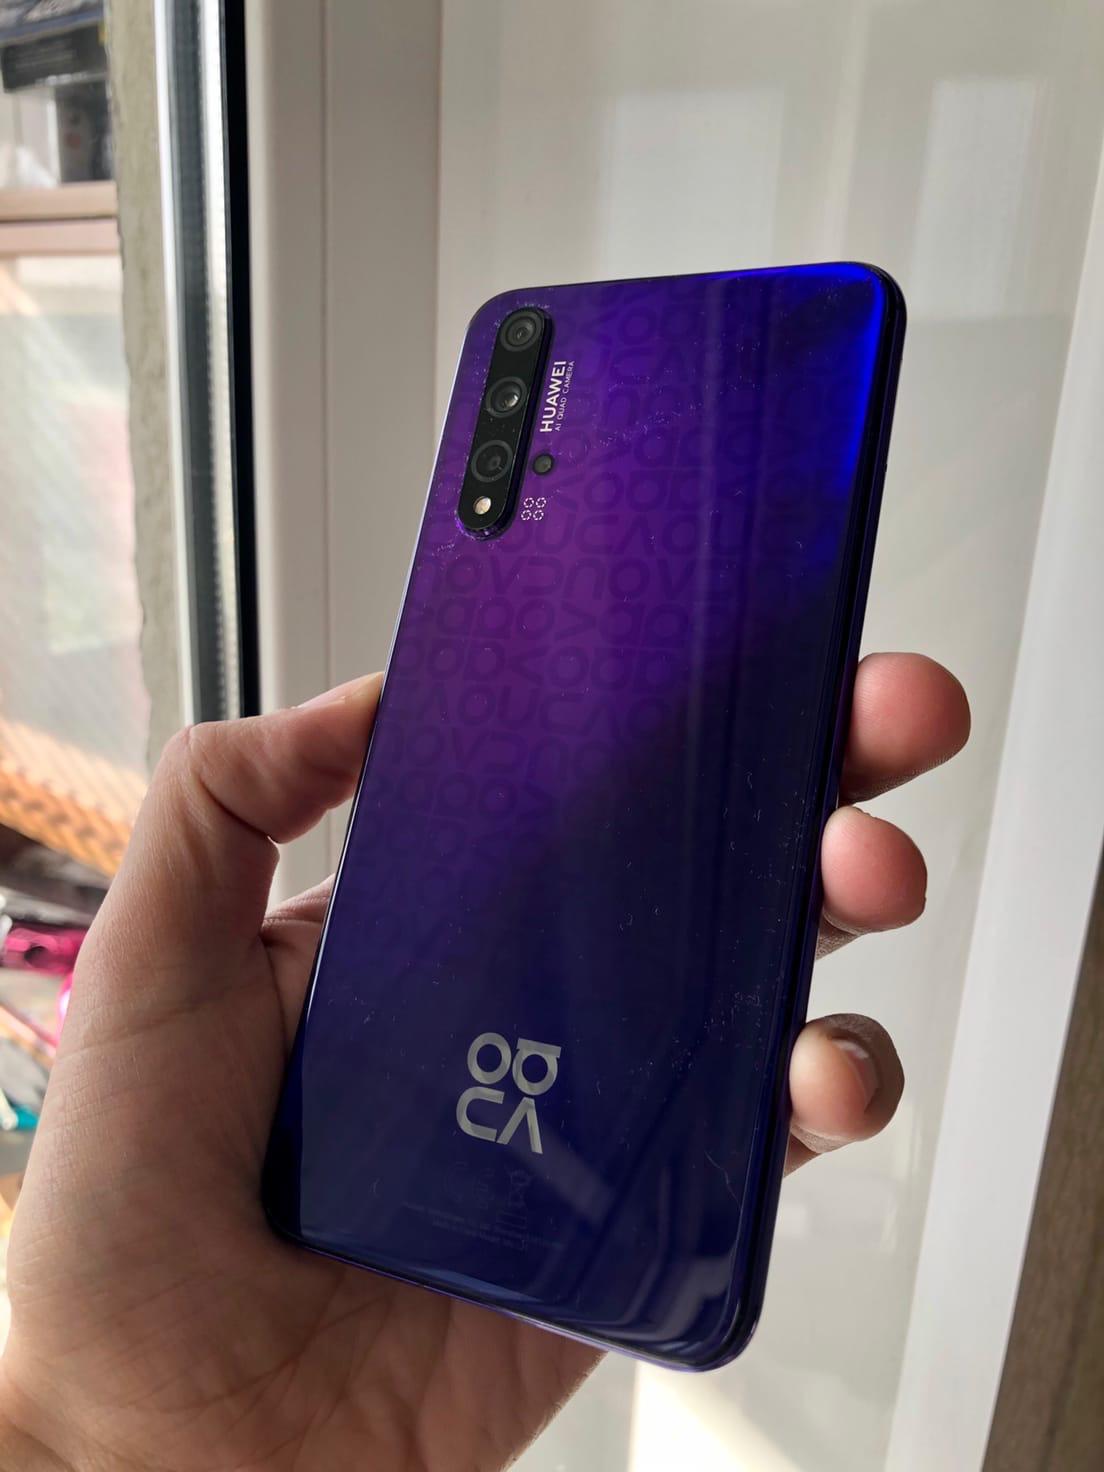 Huawei Nova 5t 6/128 - Купить совершенно новый, в | Объявления Орска и Новотроицка №5111